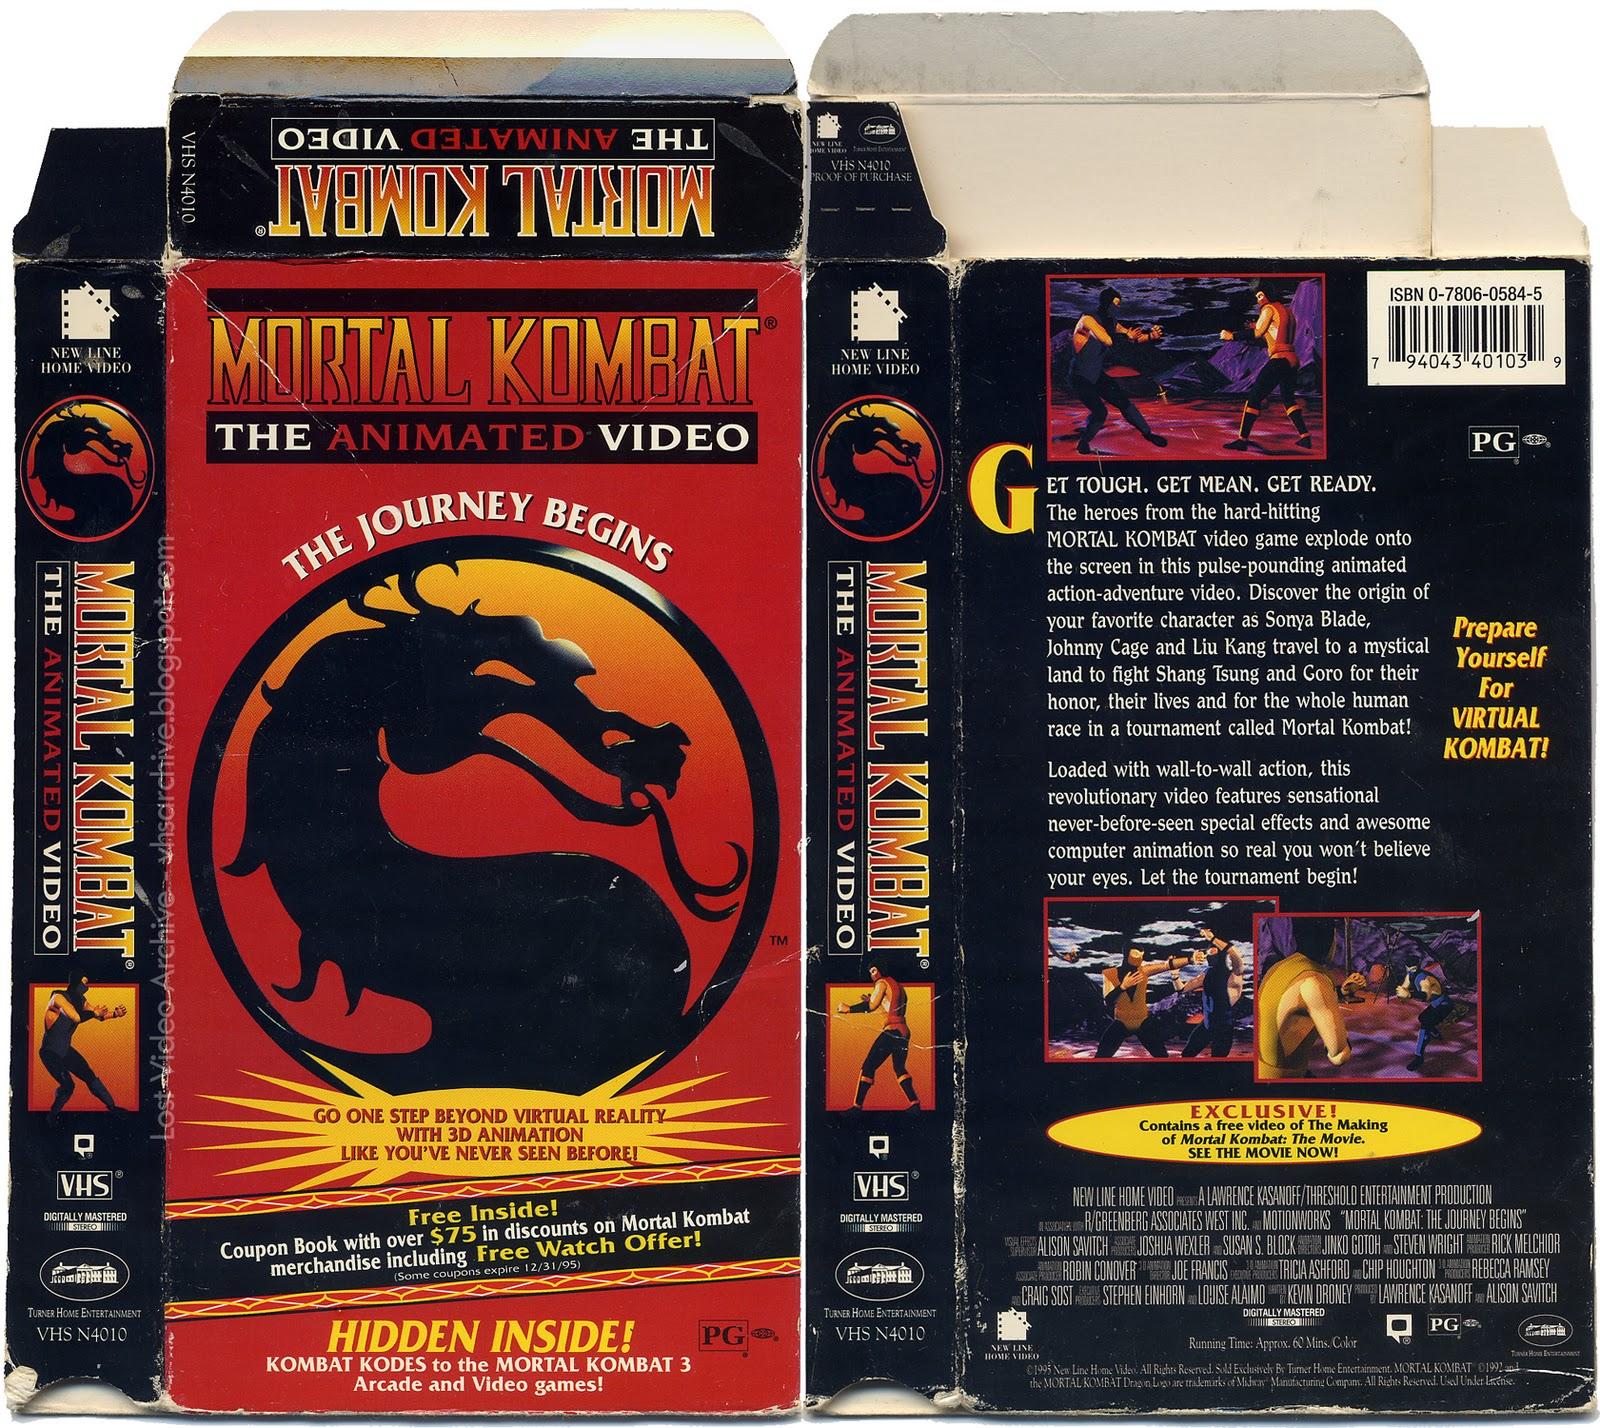 Perdu Archive vidéo Mortal Kombat Animation Vidéo-5597